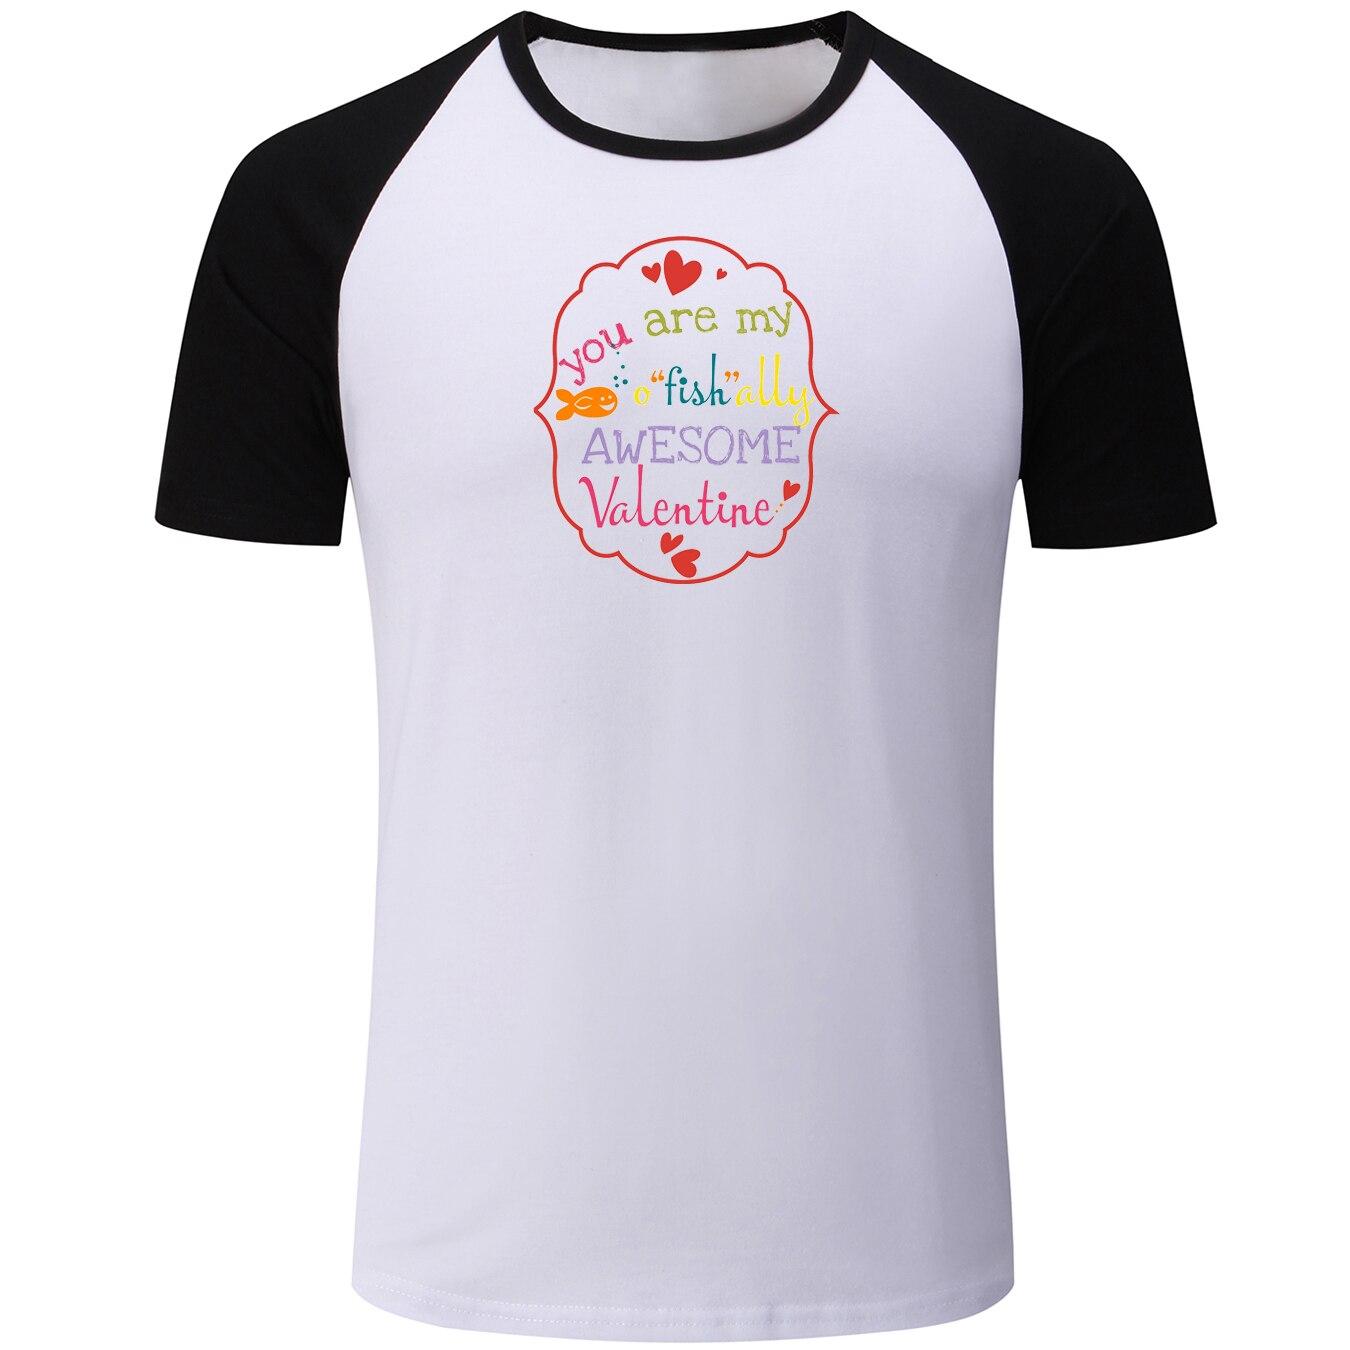 Веселый день воскресенье Мощность мама ты мой ofishally Awesome Валентина мужские летняя футболка Boys Graphic Tee Повседневное реглан футболки